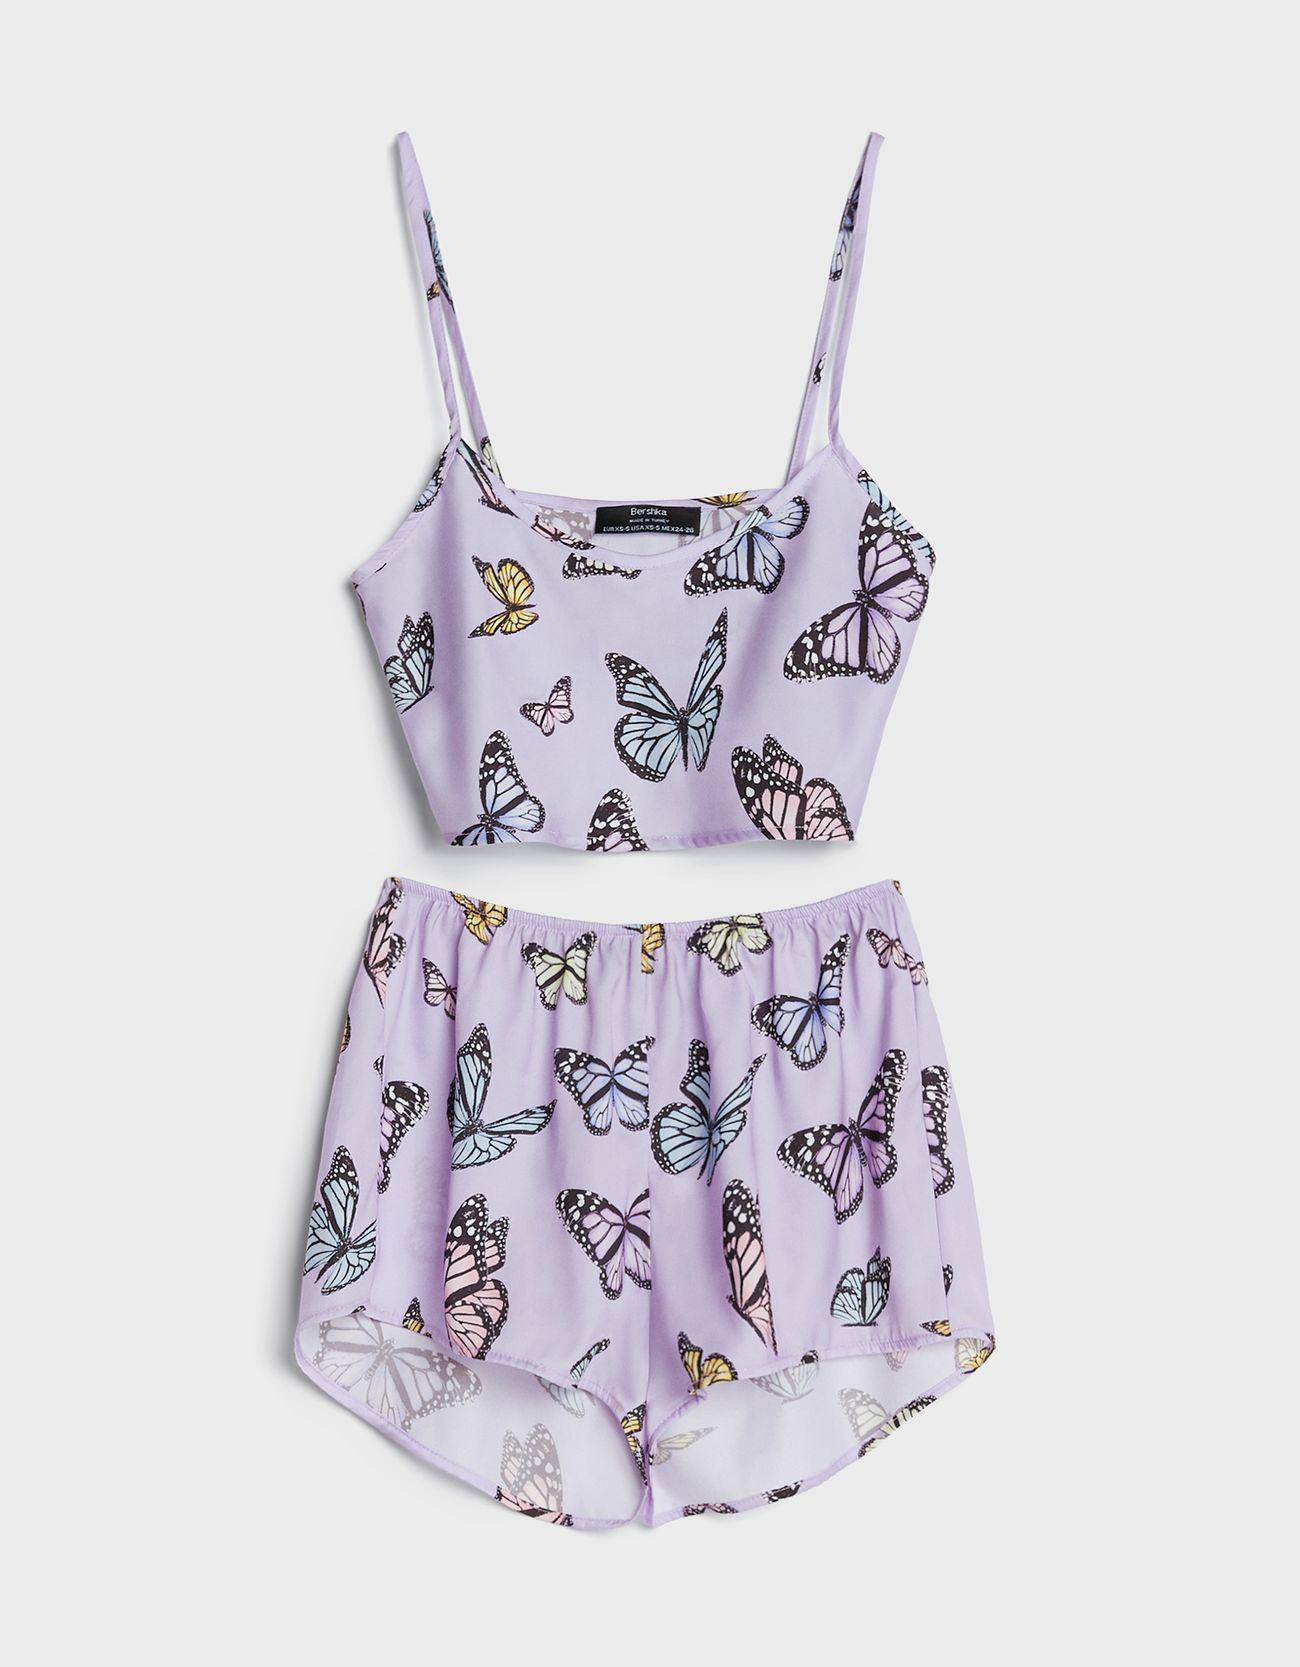 Pijama con estampado de mariposas.